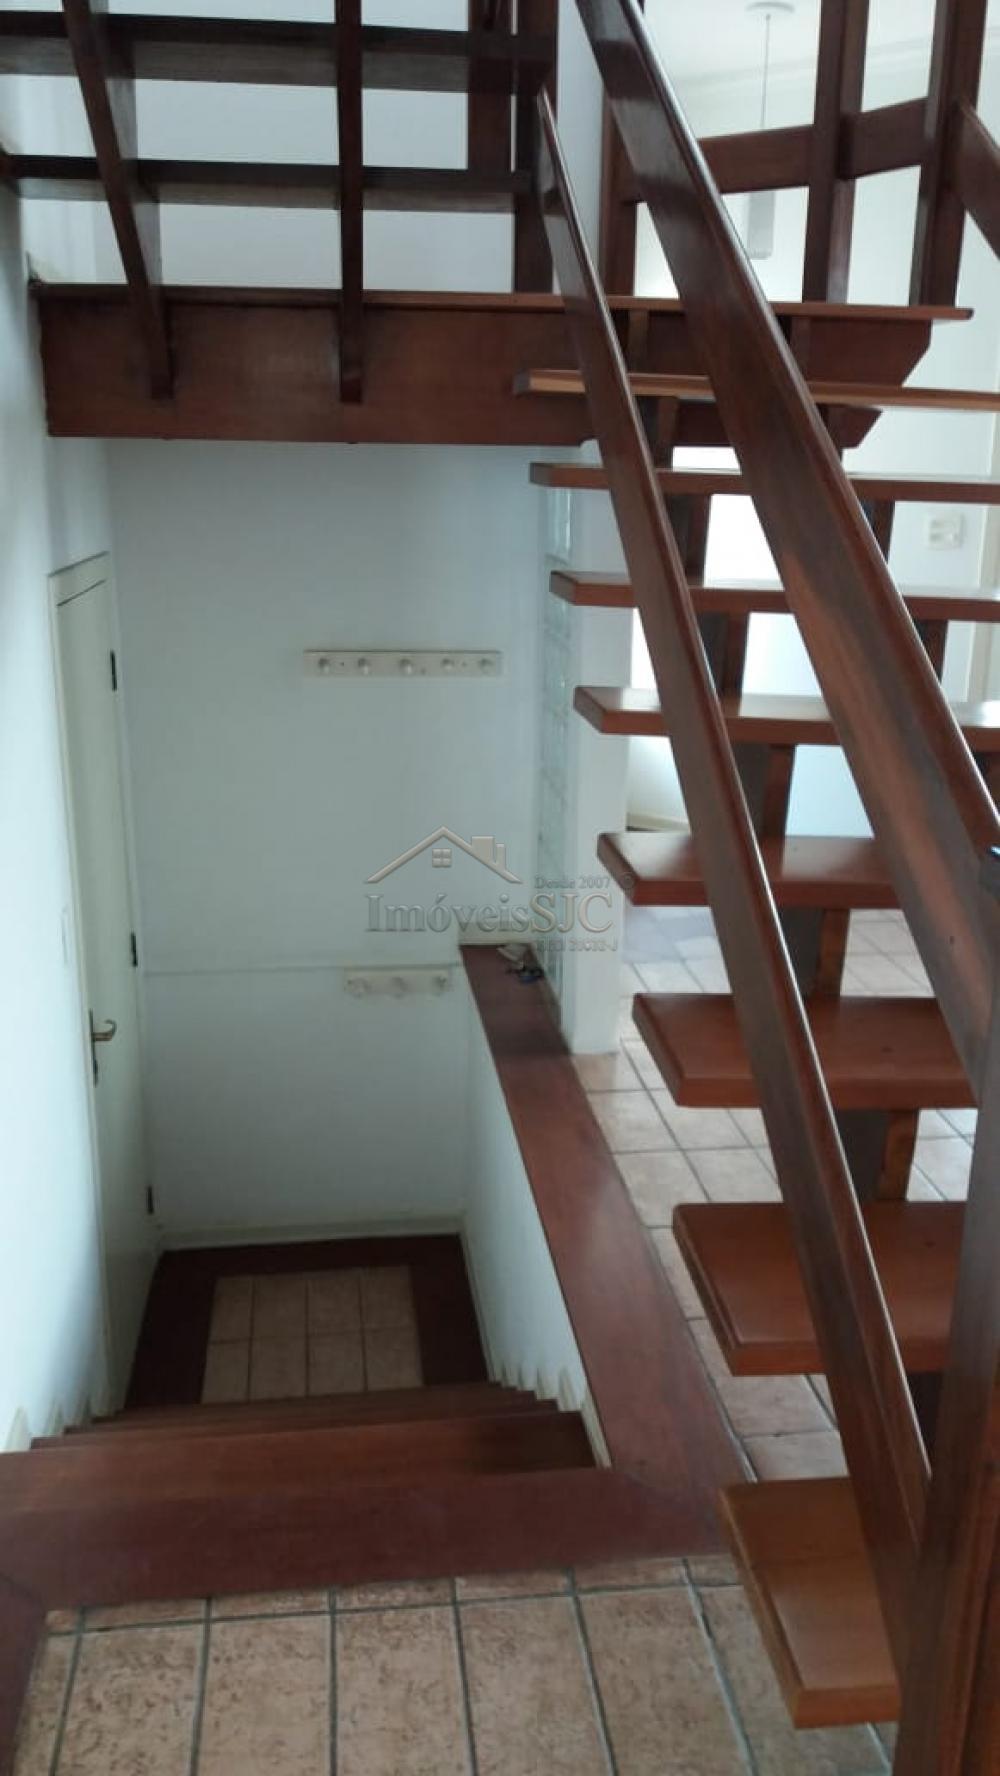 Comprar Casas / Condomínio em São José dos Campos apenas R$ 1.500.000,00 - Foto 6